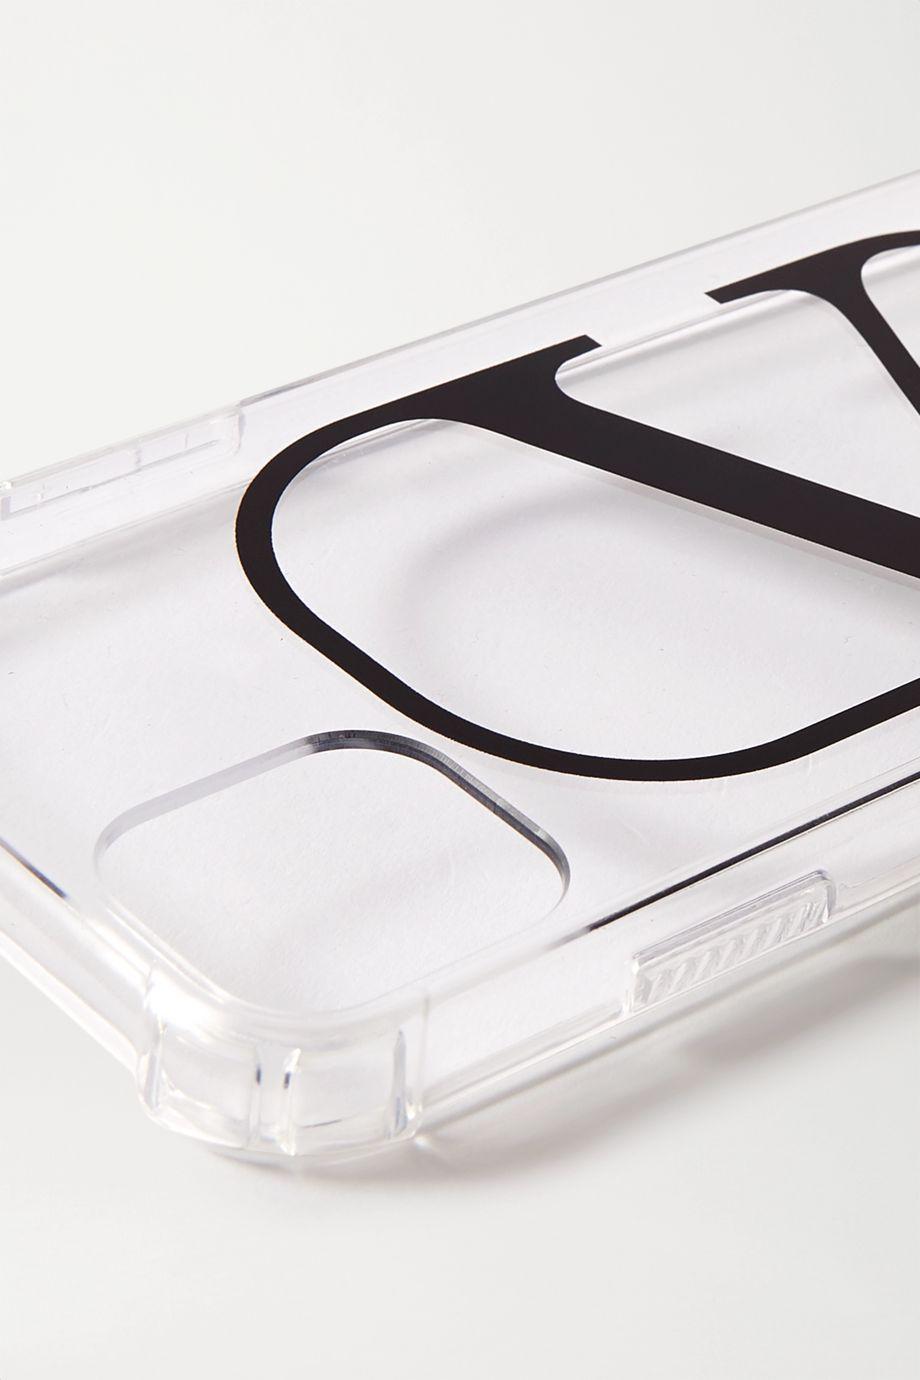 Valentino Printed Perspex iPhone 11 case